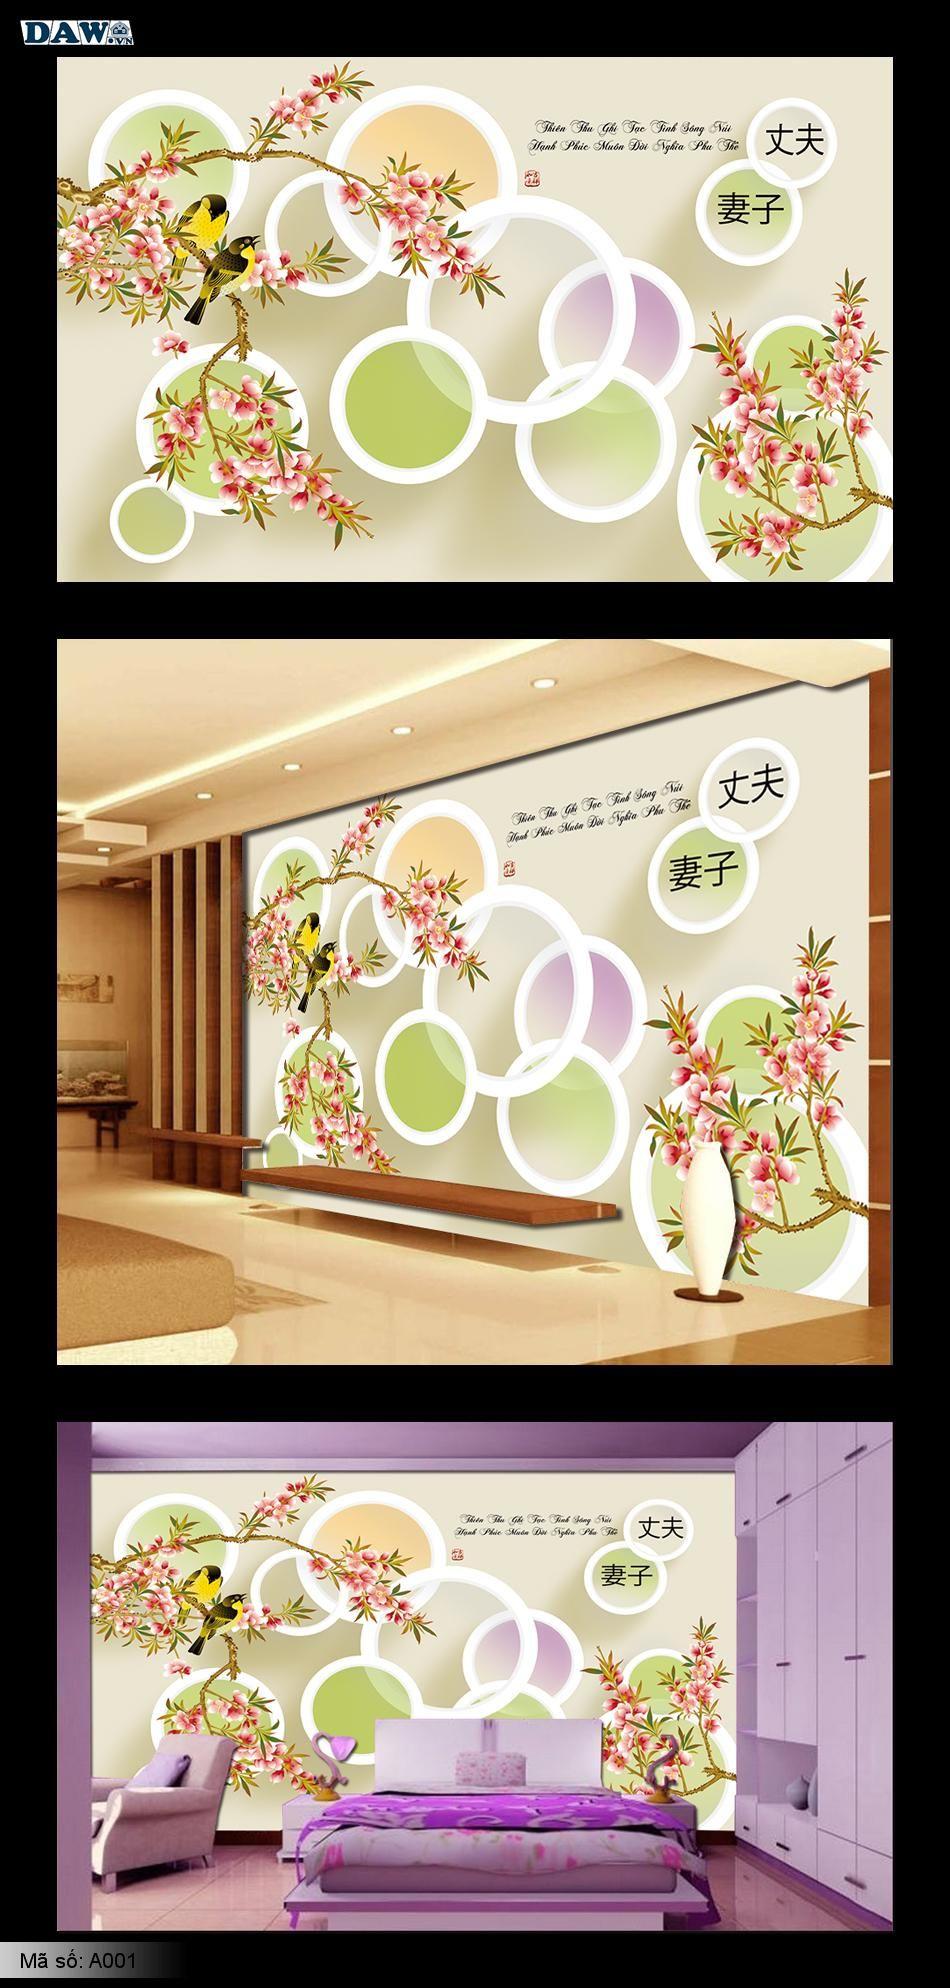 A001 | Tranh dán tường hoa lá, chim, lập thể, phòng khách, phòng ngủ A001